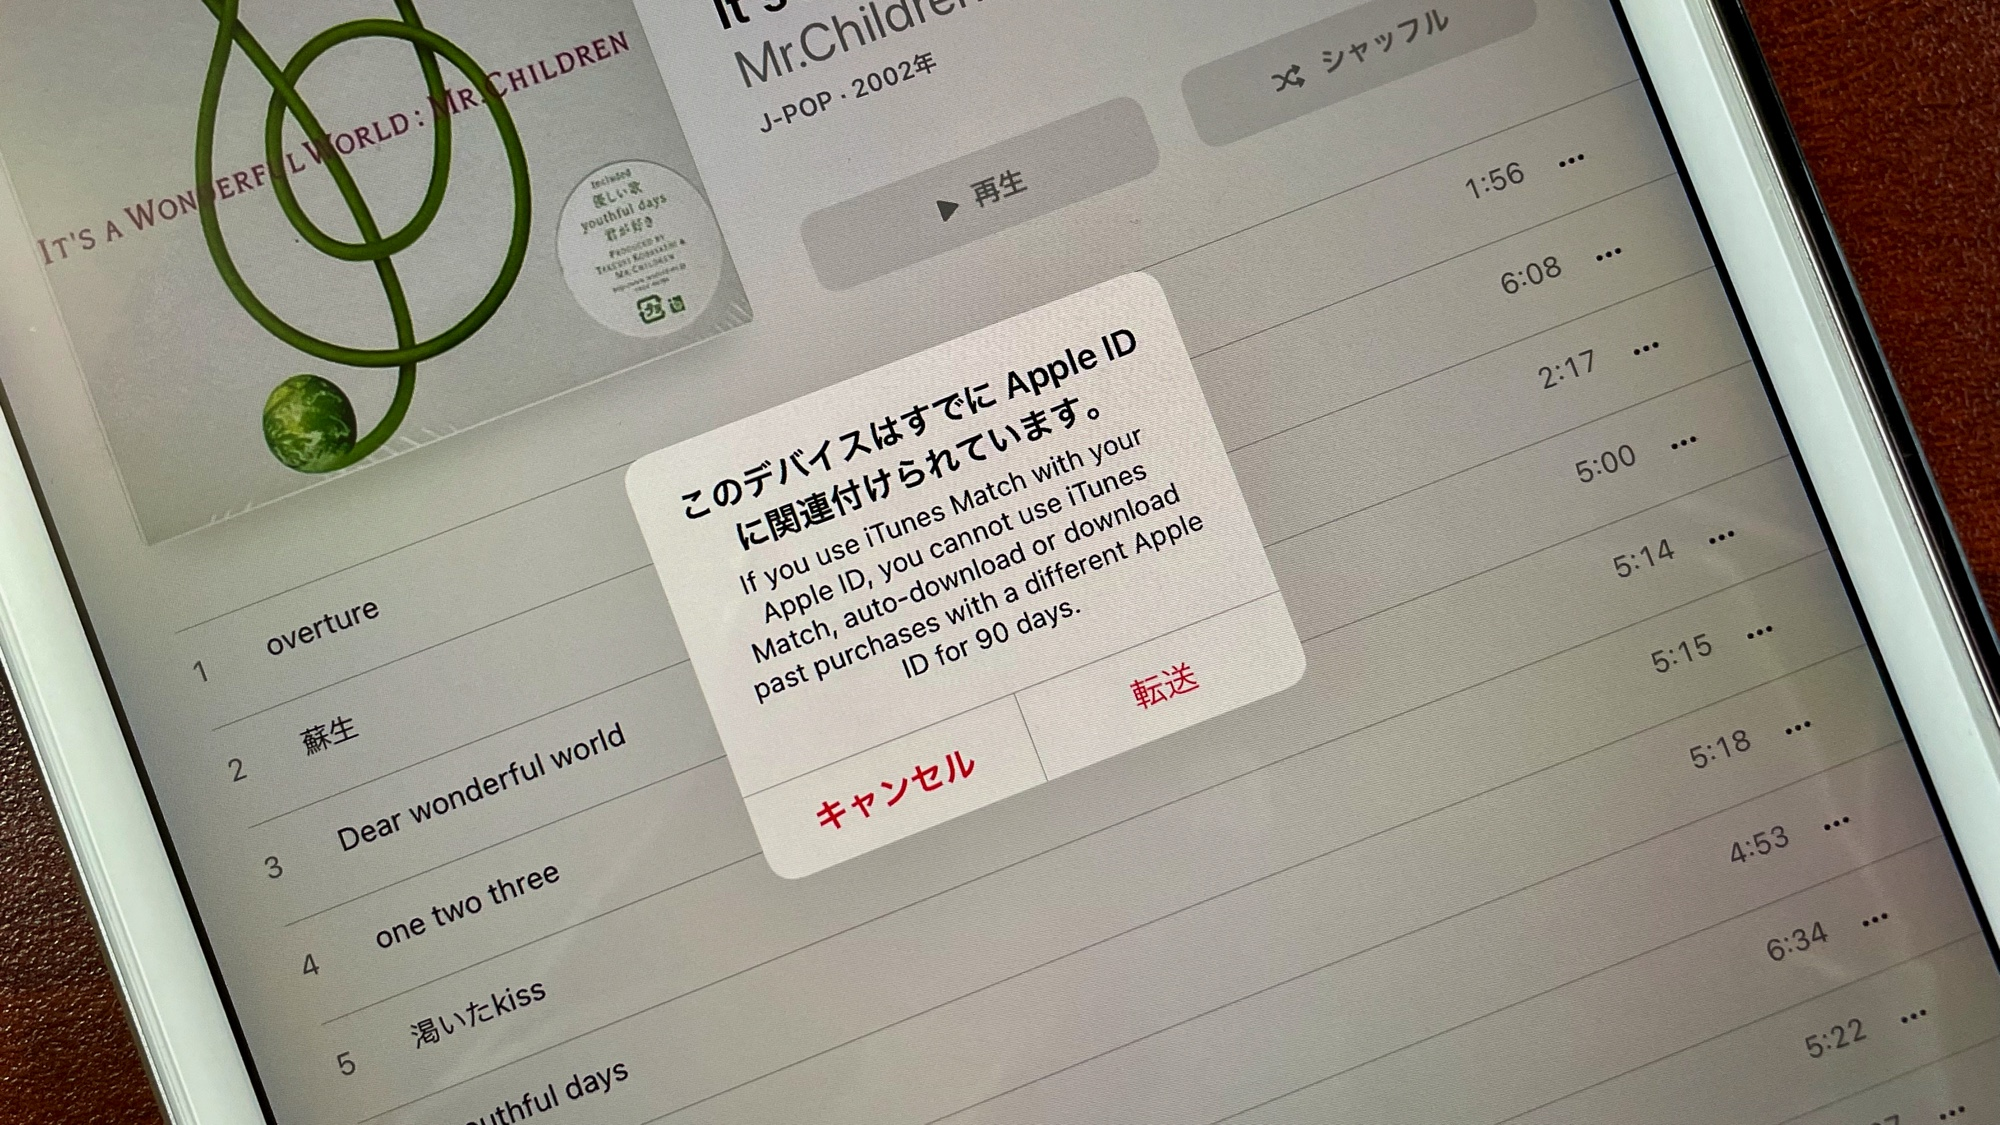 このデバイスはすでにApple IDに関連付けられています。